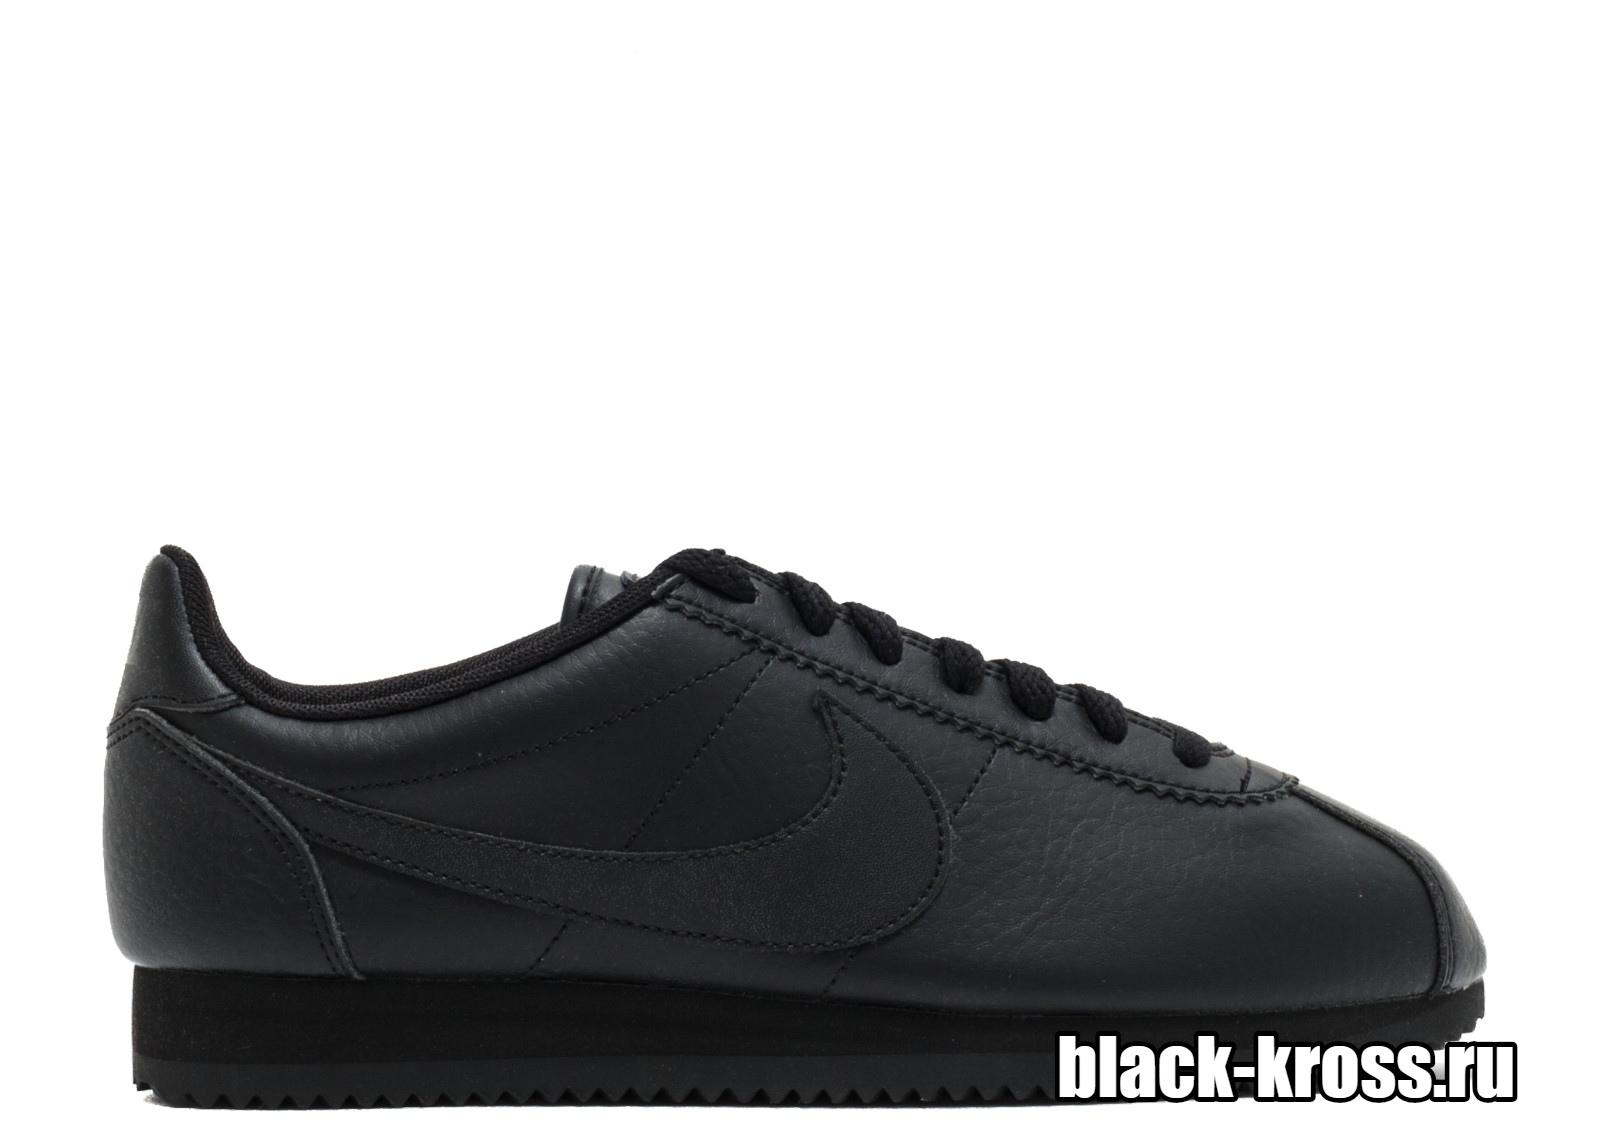 Nike Air Cortez Black (41-45)